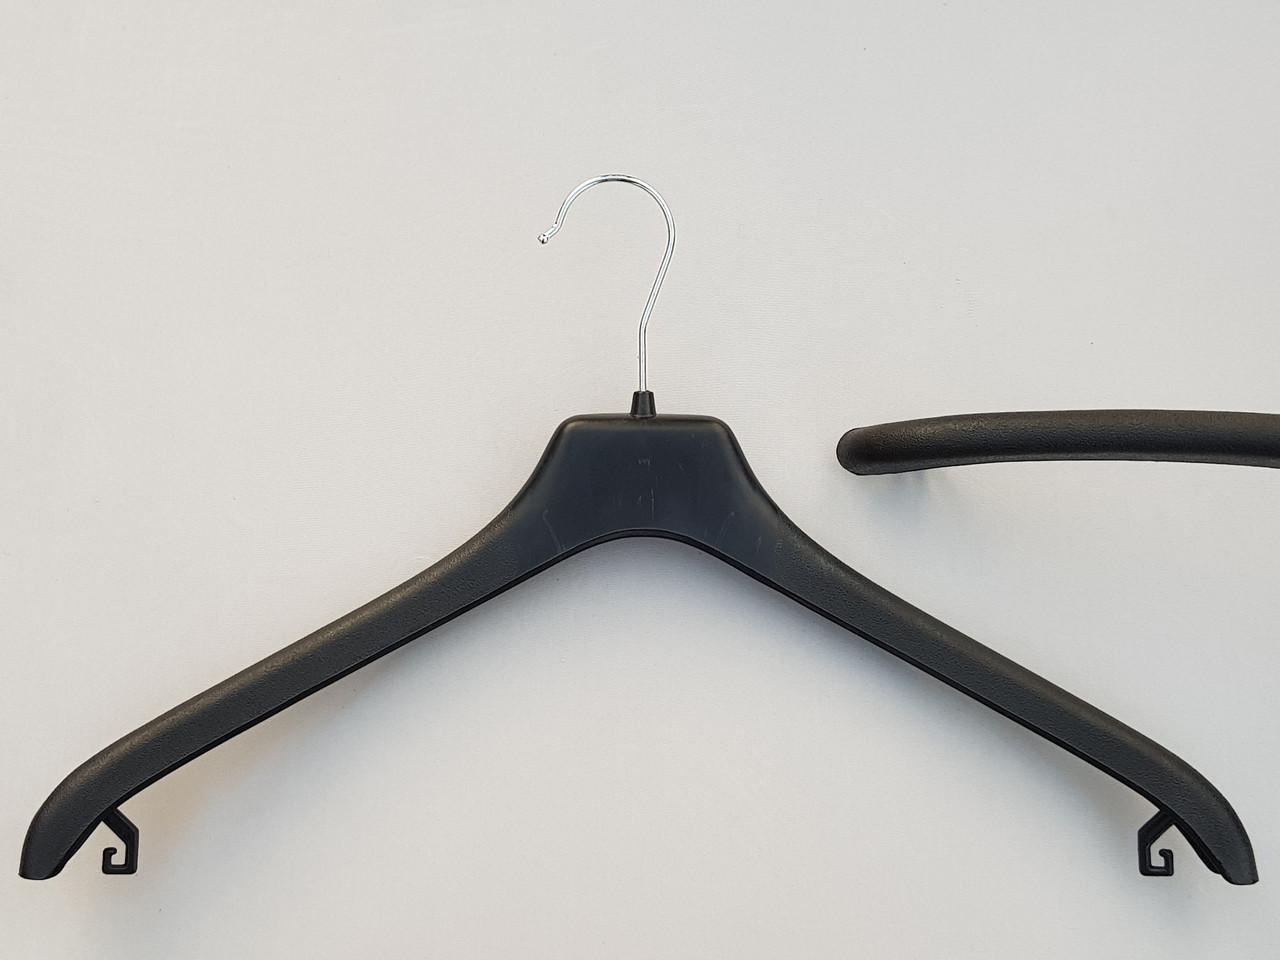 Плічка вішалки тремпеля V-P2 чорного кольору, довжина 45 см